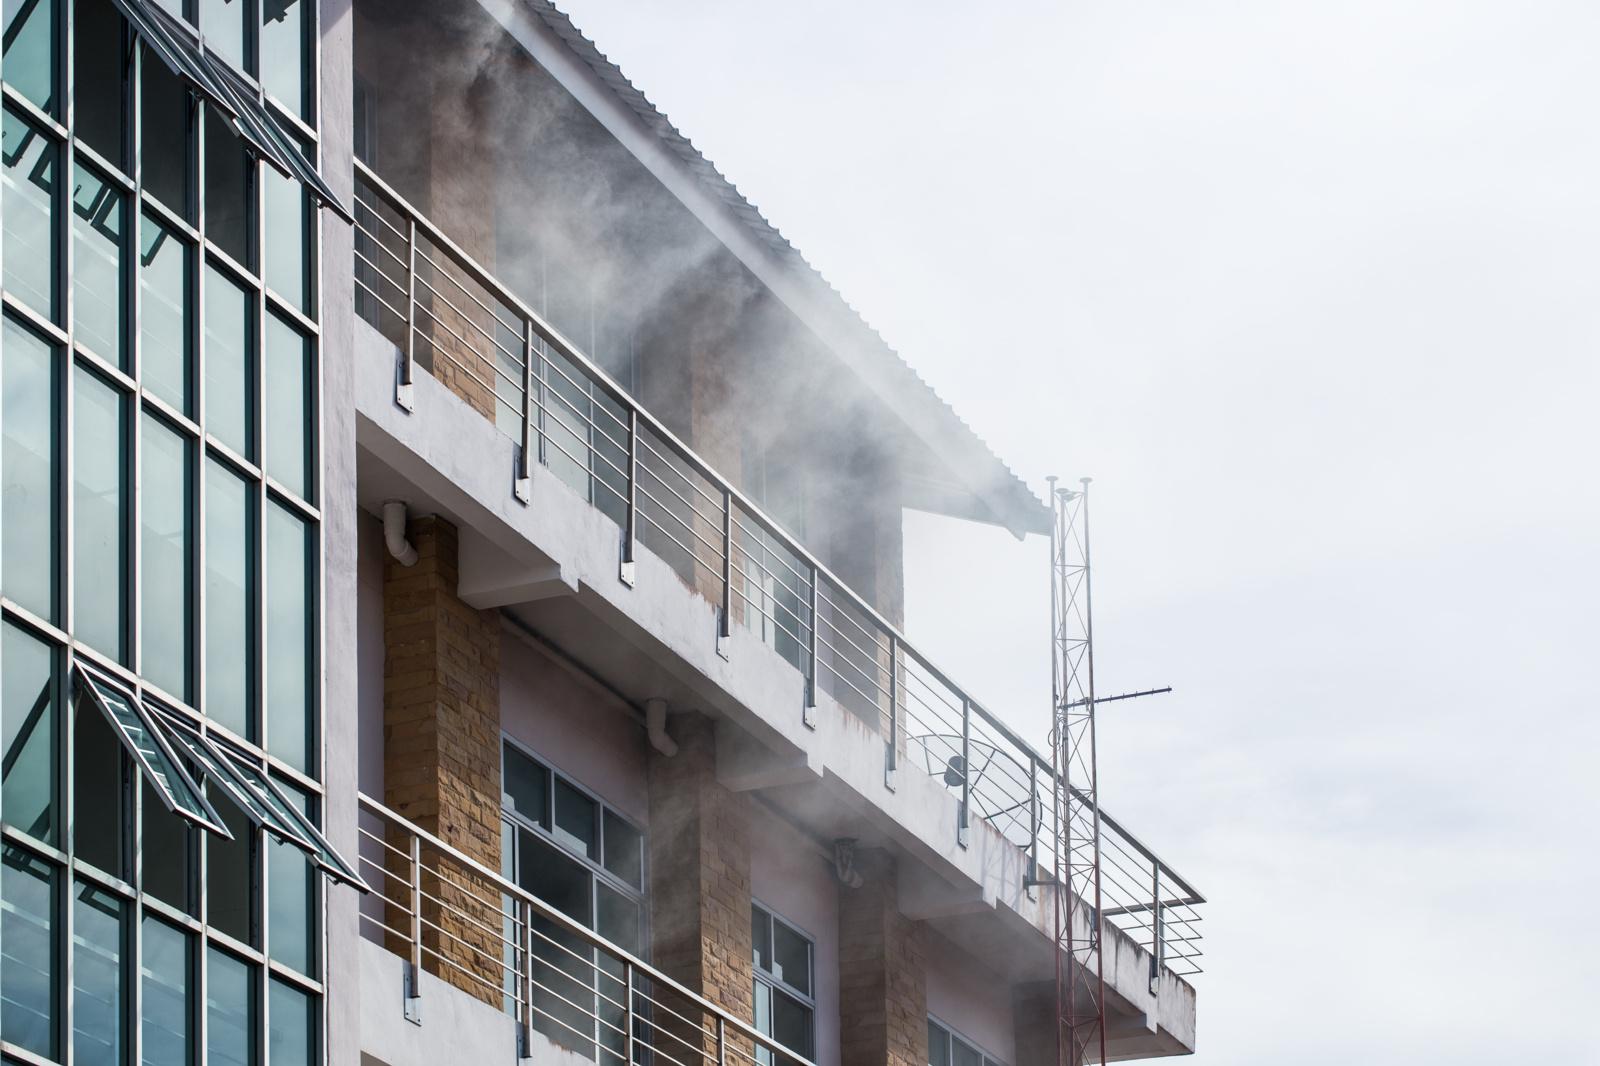 Visi namuose: dažniausiai buityje nutinkantys nelaimingi atsitikimai